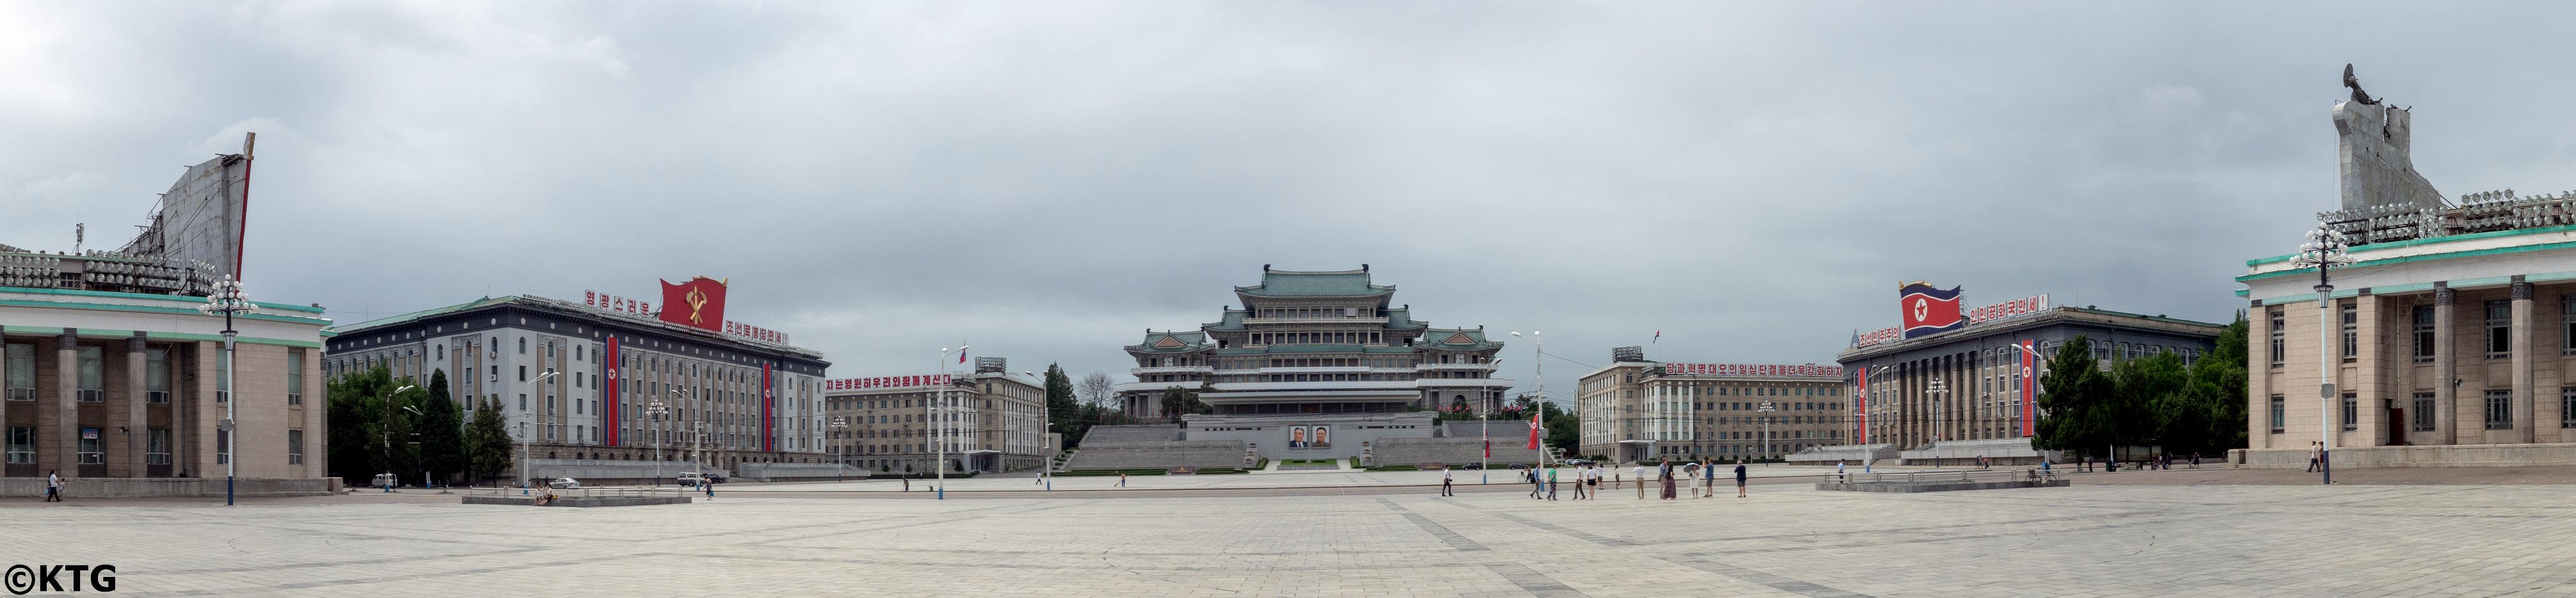 Kim Il Sung Square, North Korea